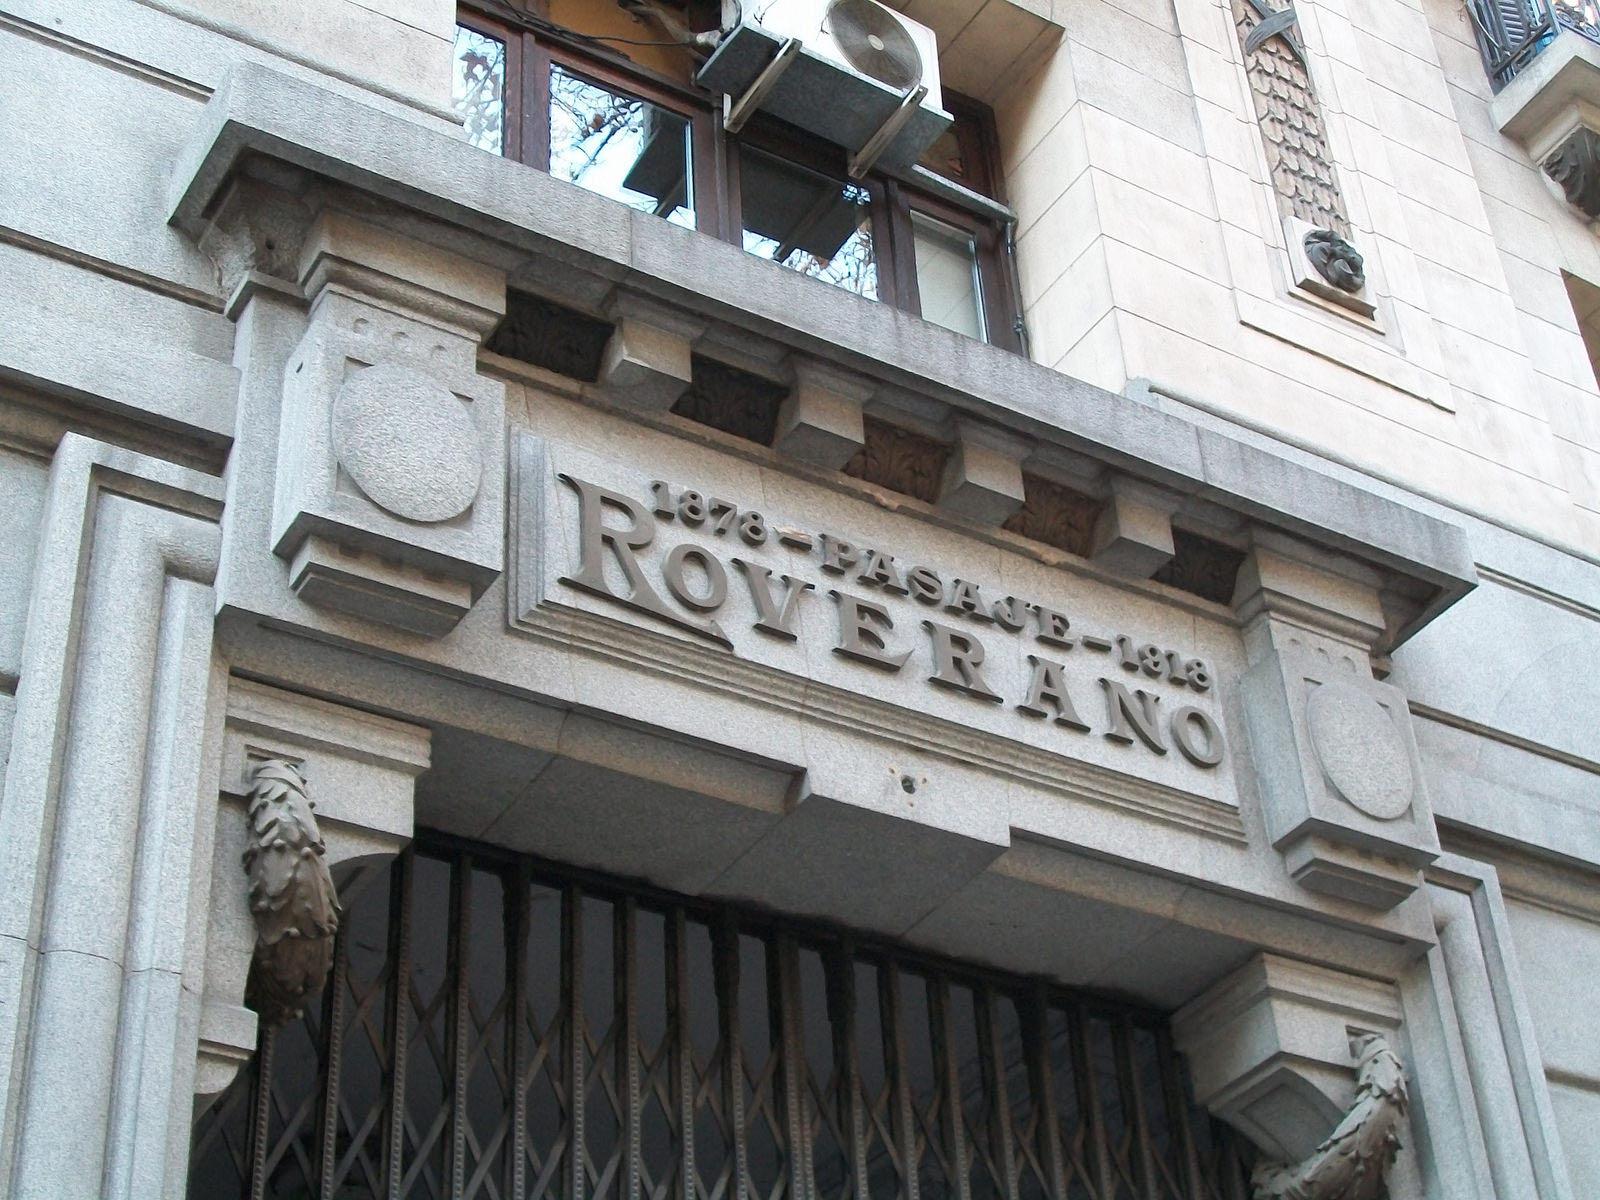 Entre Avenida de Mayo 560 y la calle Hipólito Yrigoyen 561, vive una calle interna donde su escenografía natural y abstraída de cierta modernidadsirvió para ambientarLa Señal, una película protagonizada por Ricardo Darín yestrenada en 2007